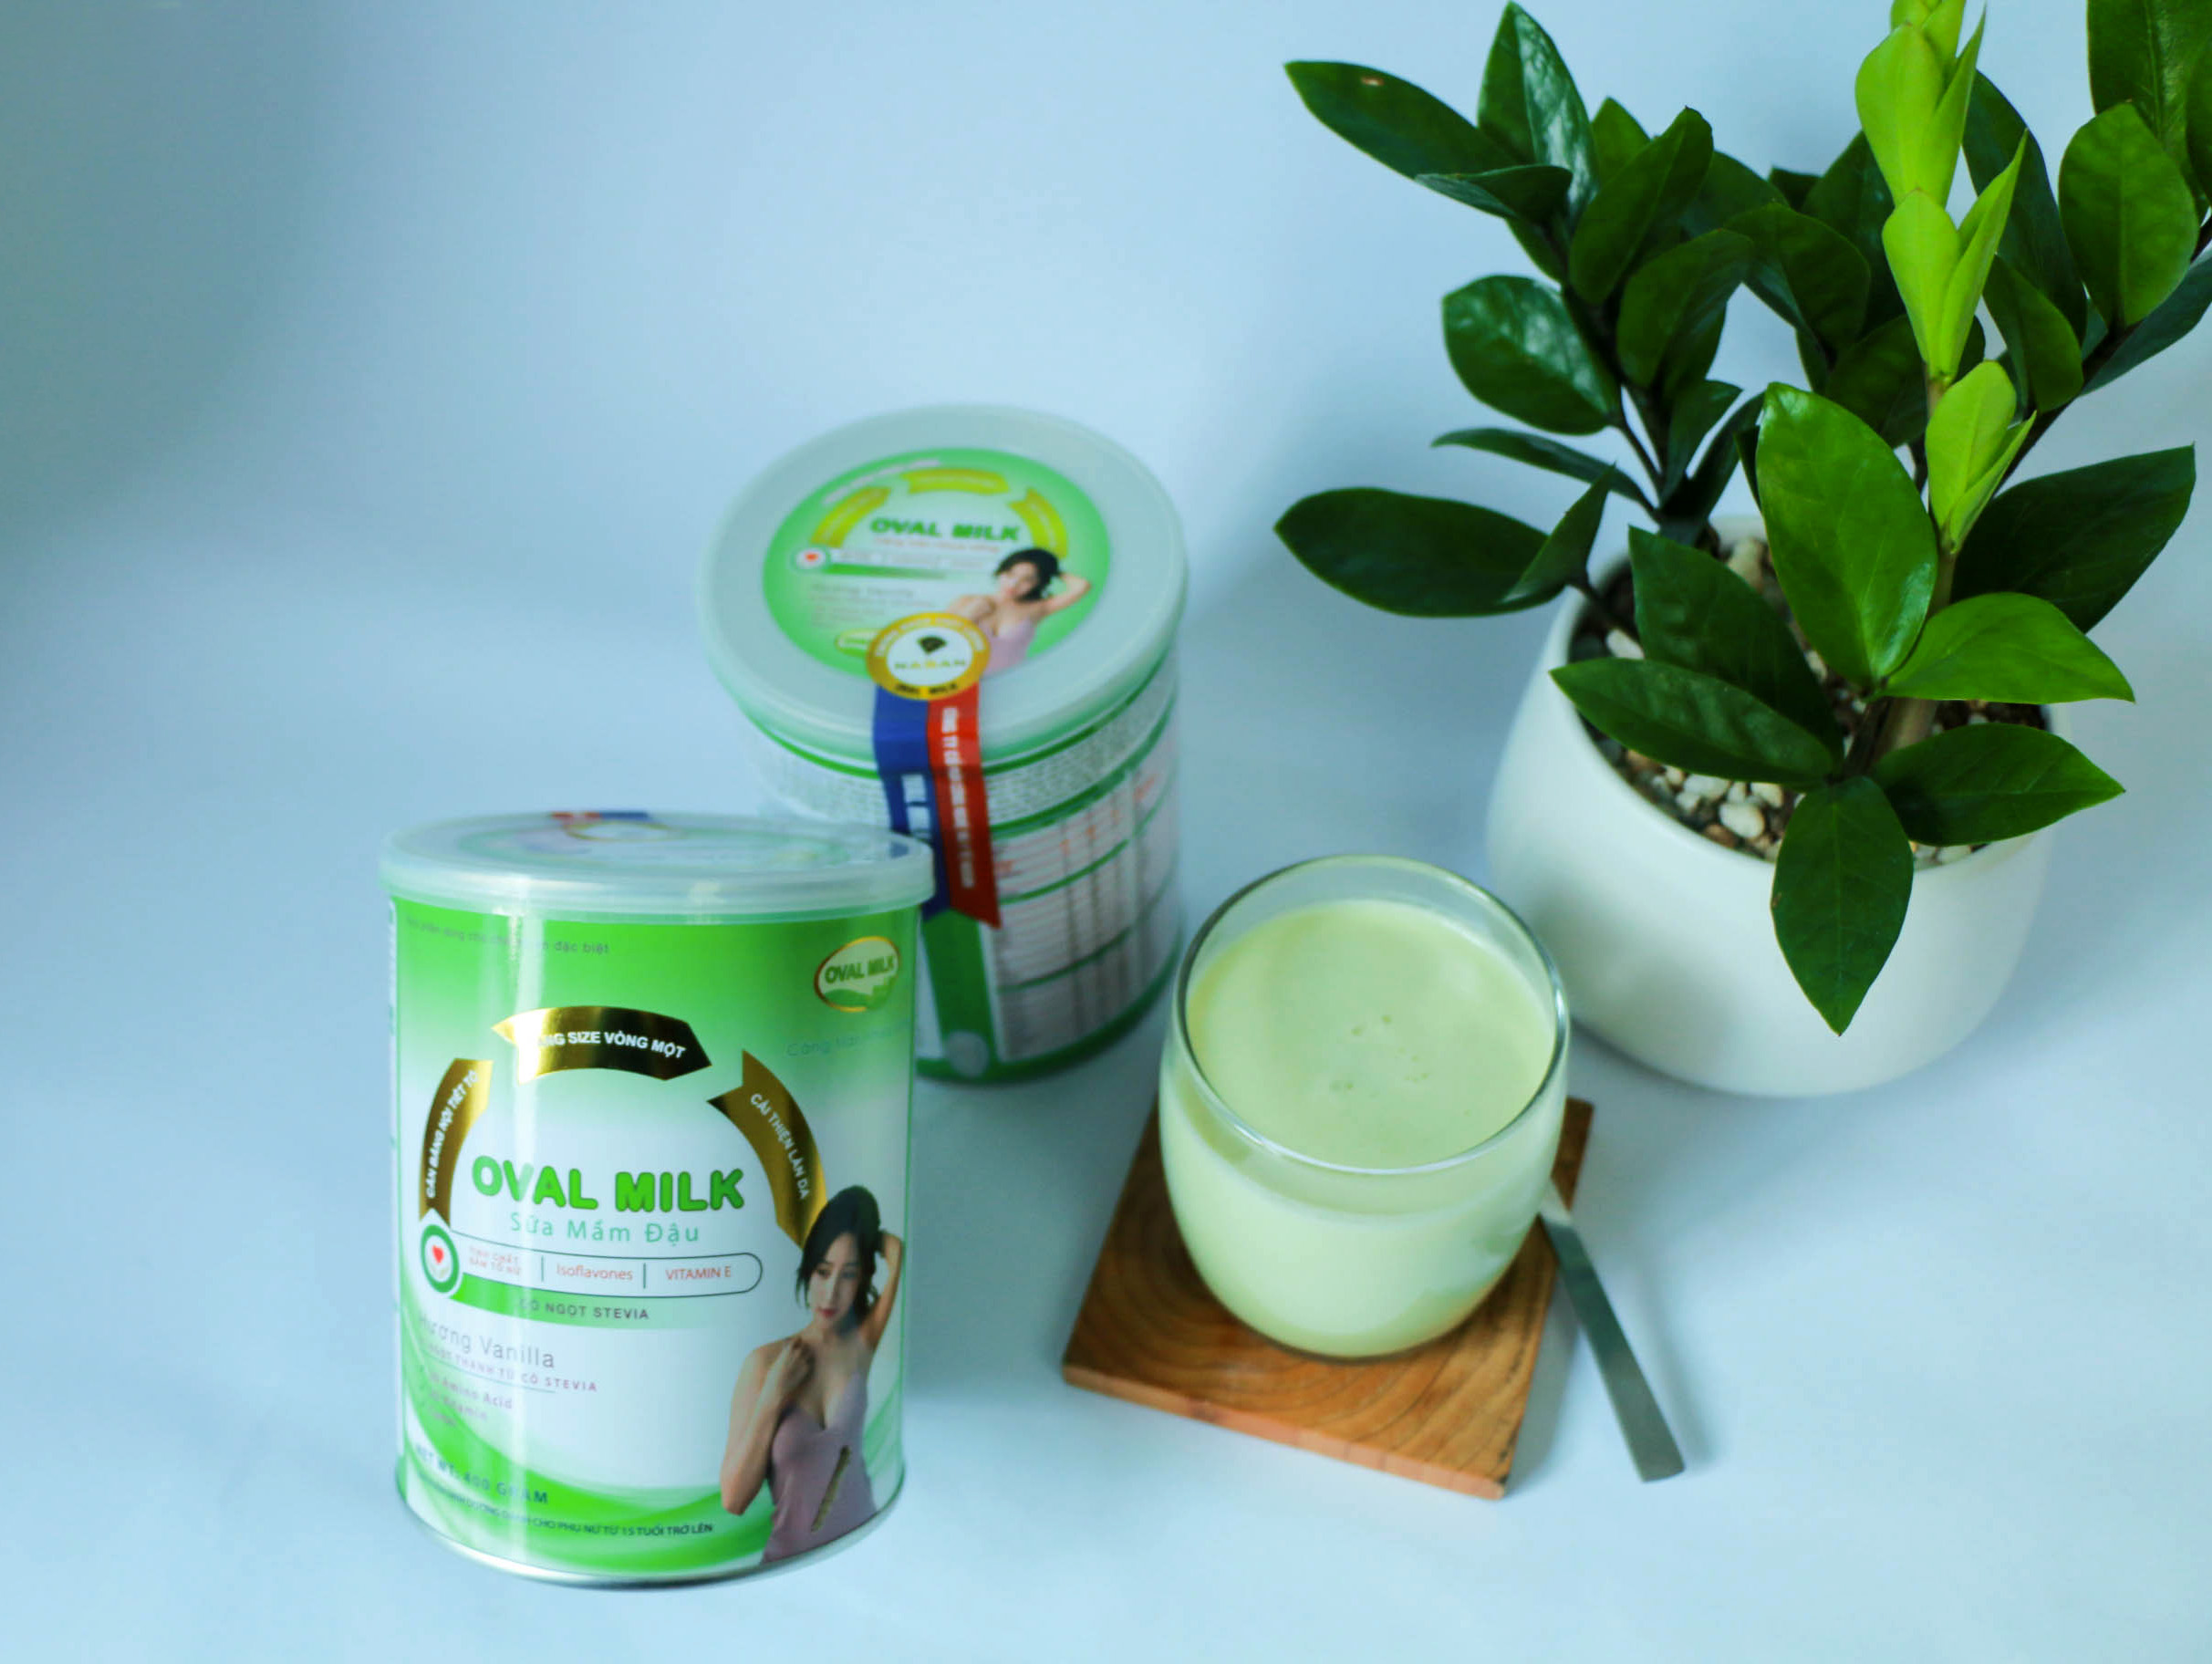 Sữa Oval Milk tăng vòng 1 cho vóc dáng quyến rũ